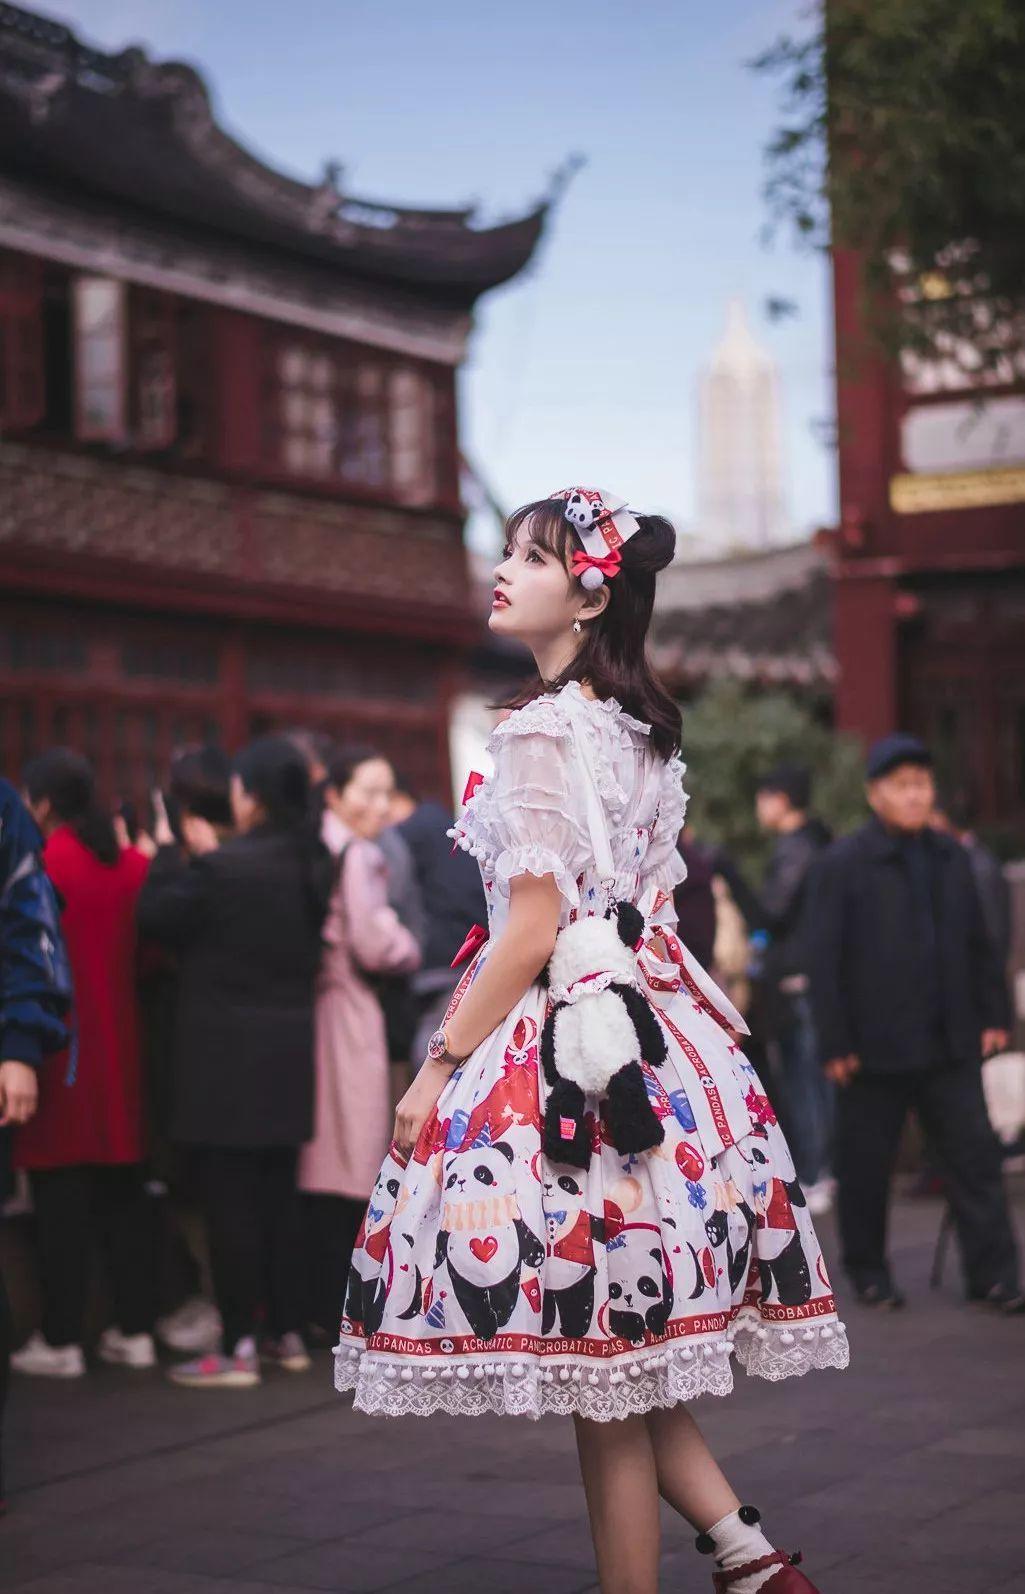 妹子摄影 – 鬼马精灵Lolita女孩@-谢安然-外出旅拍_图片 No.3